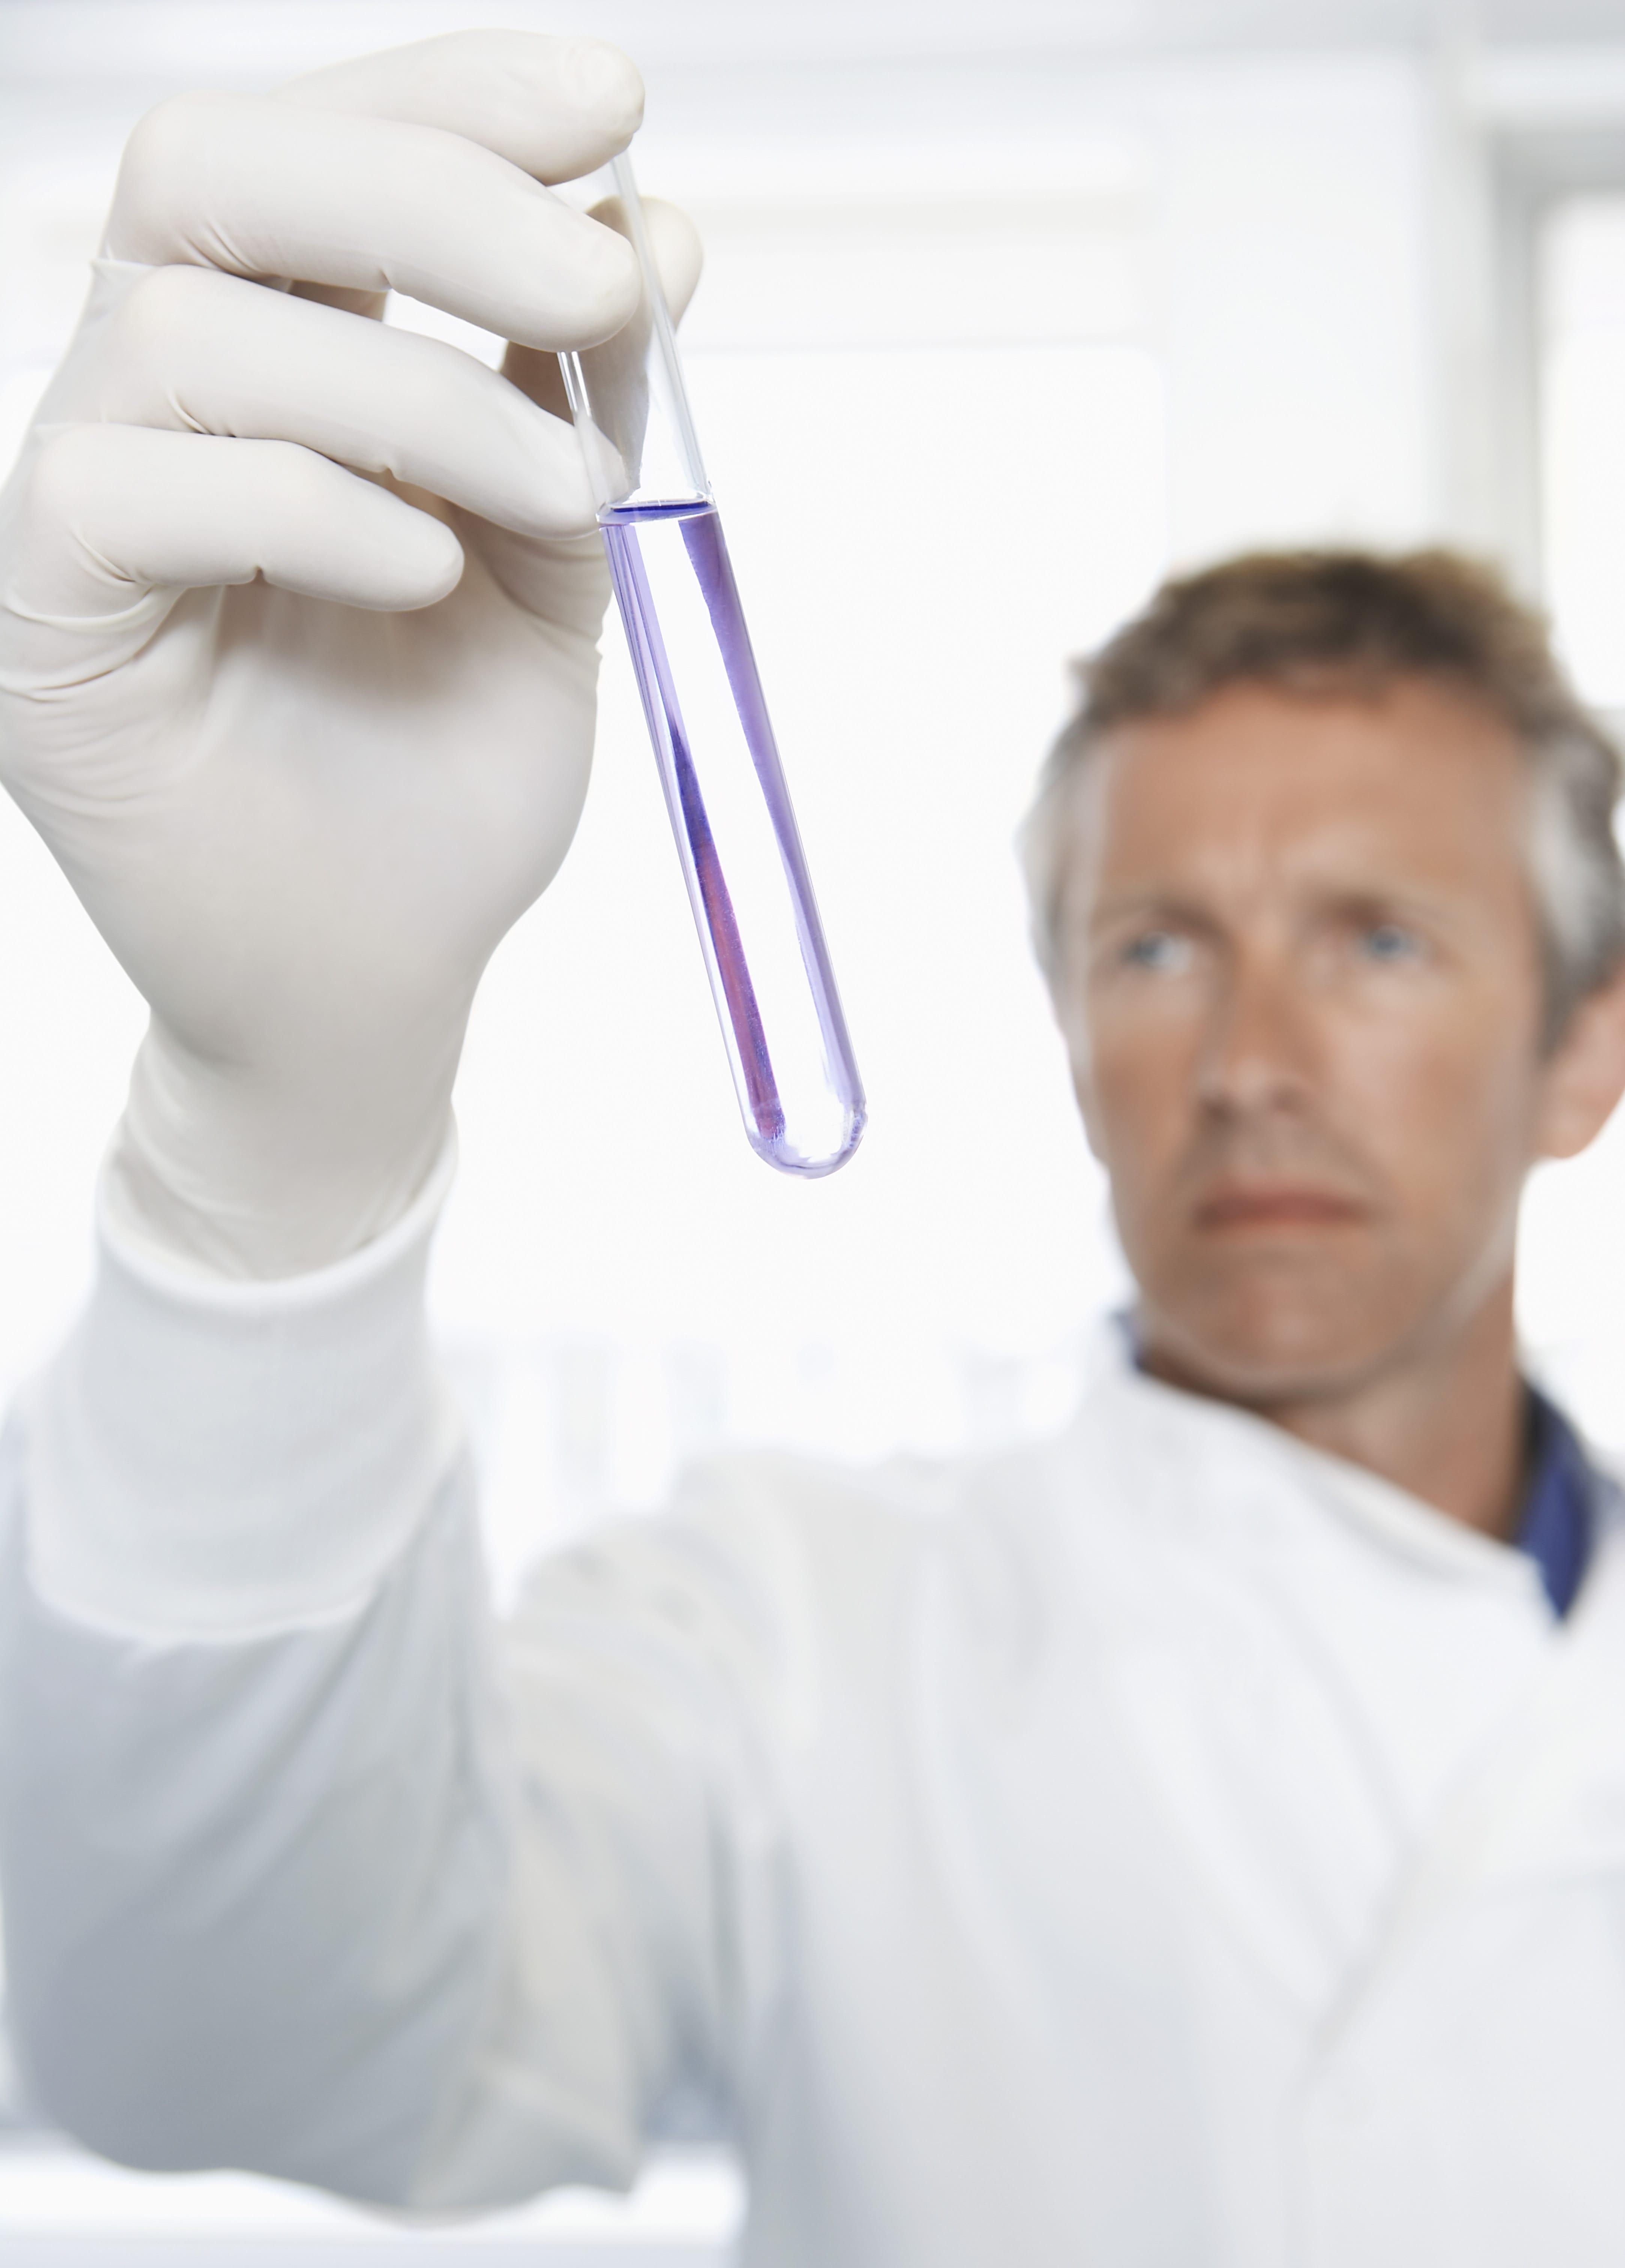 אבחונים מורפולוגיים – כל מה שרציתם לדעת